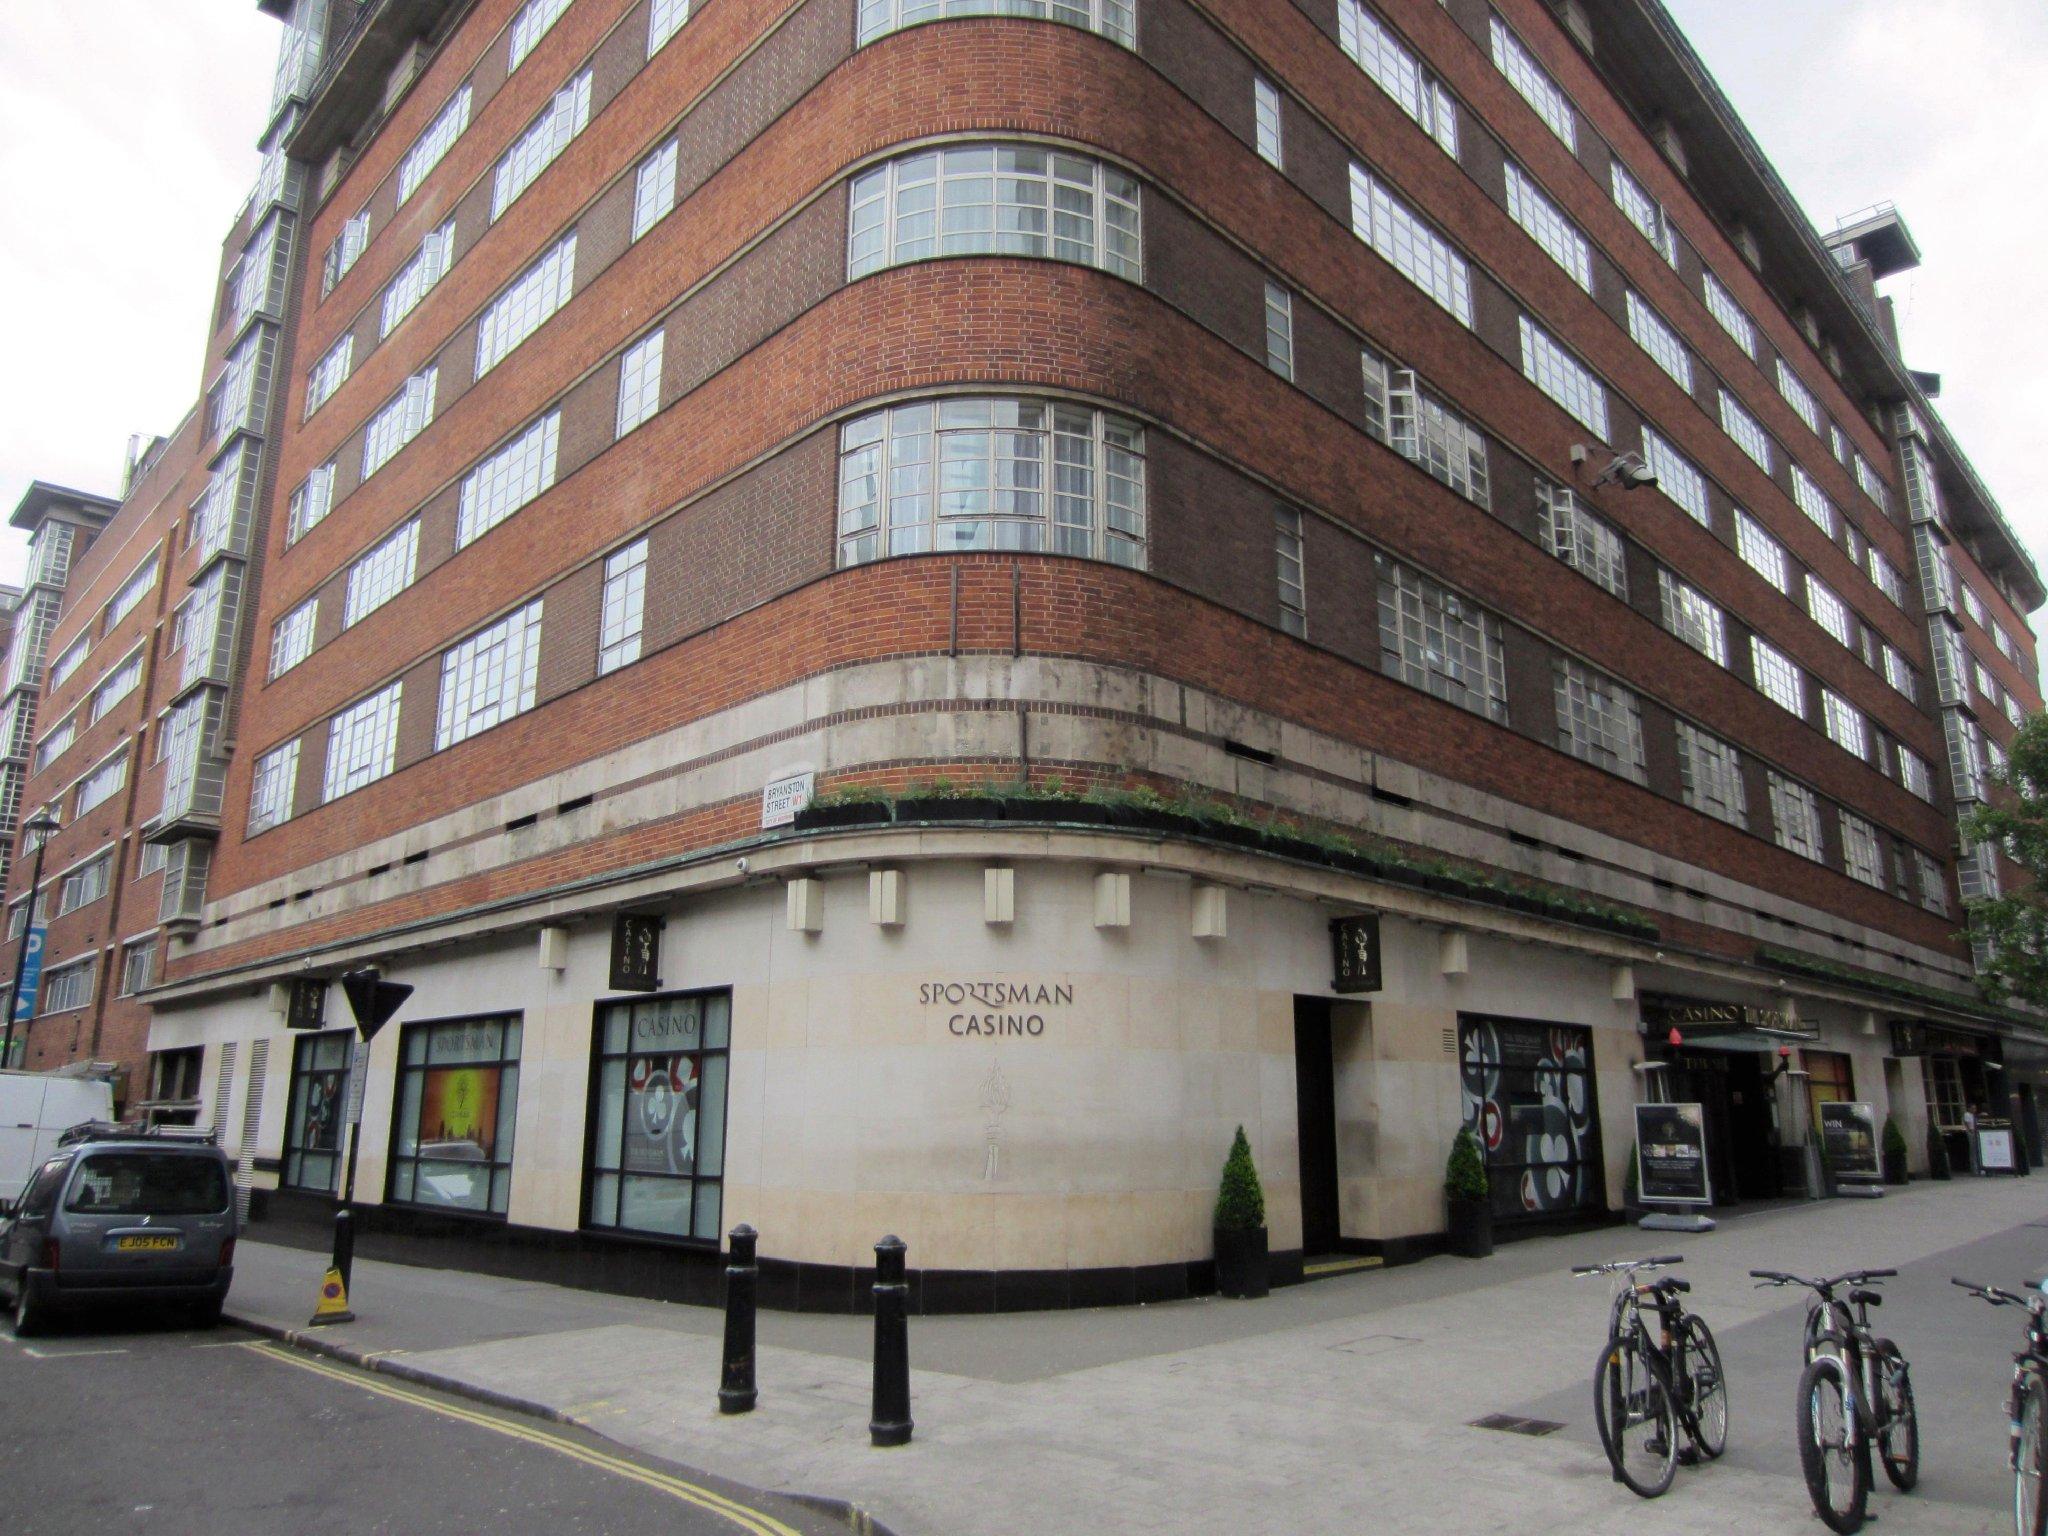 Grosvenor casino london baker street